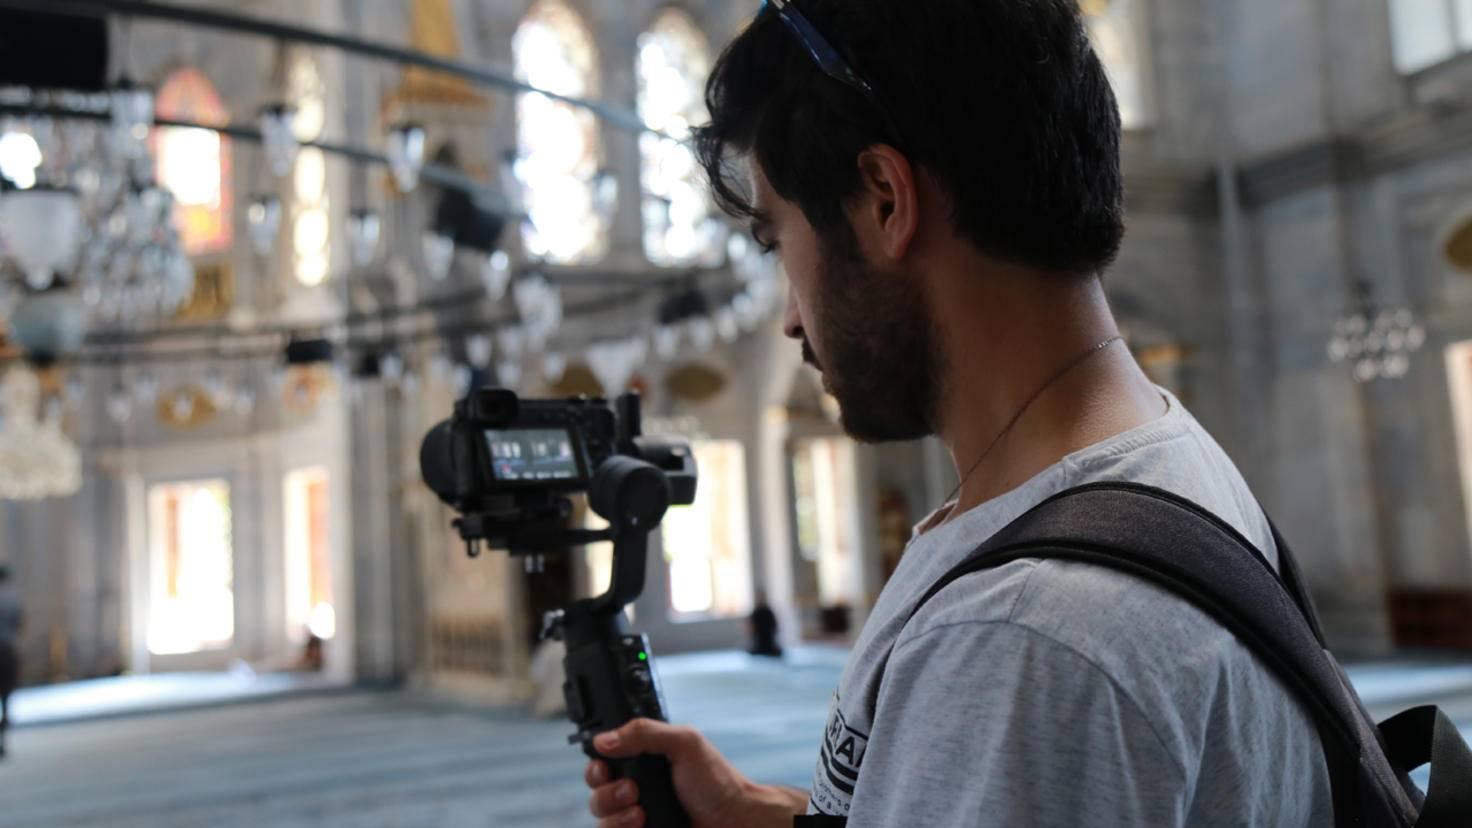 vlog-équipement-équipement-vlogger-accessoires-caméra-cardan